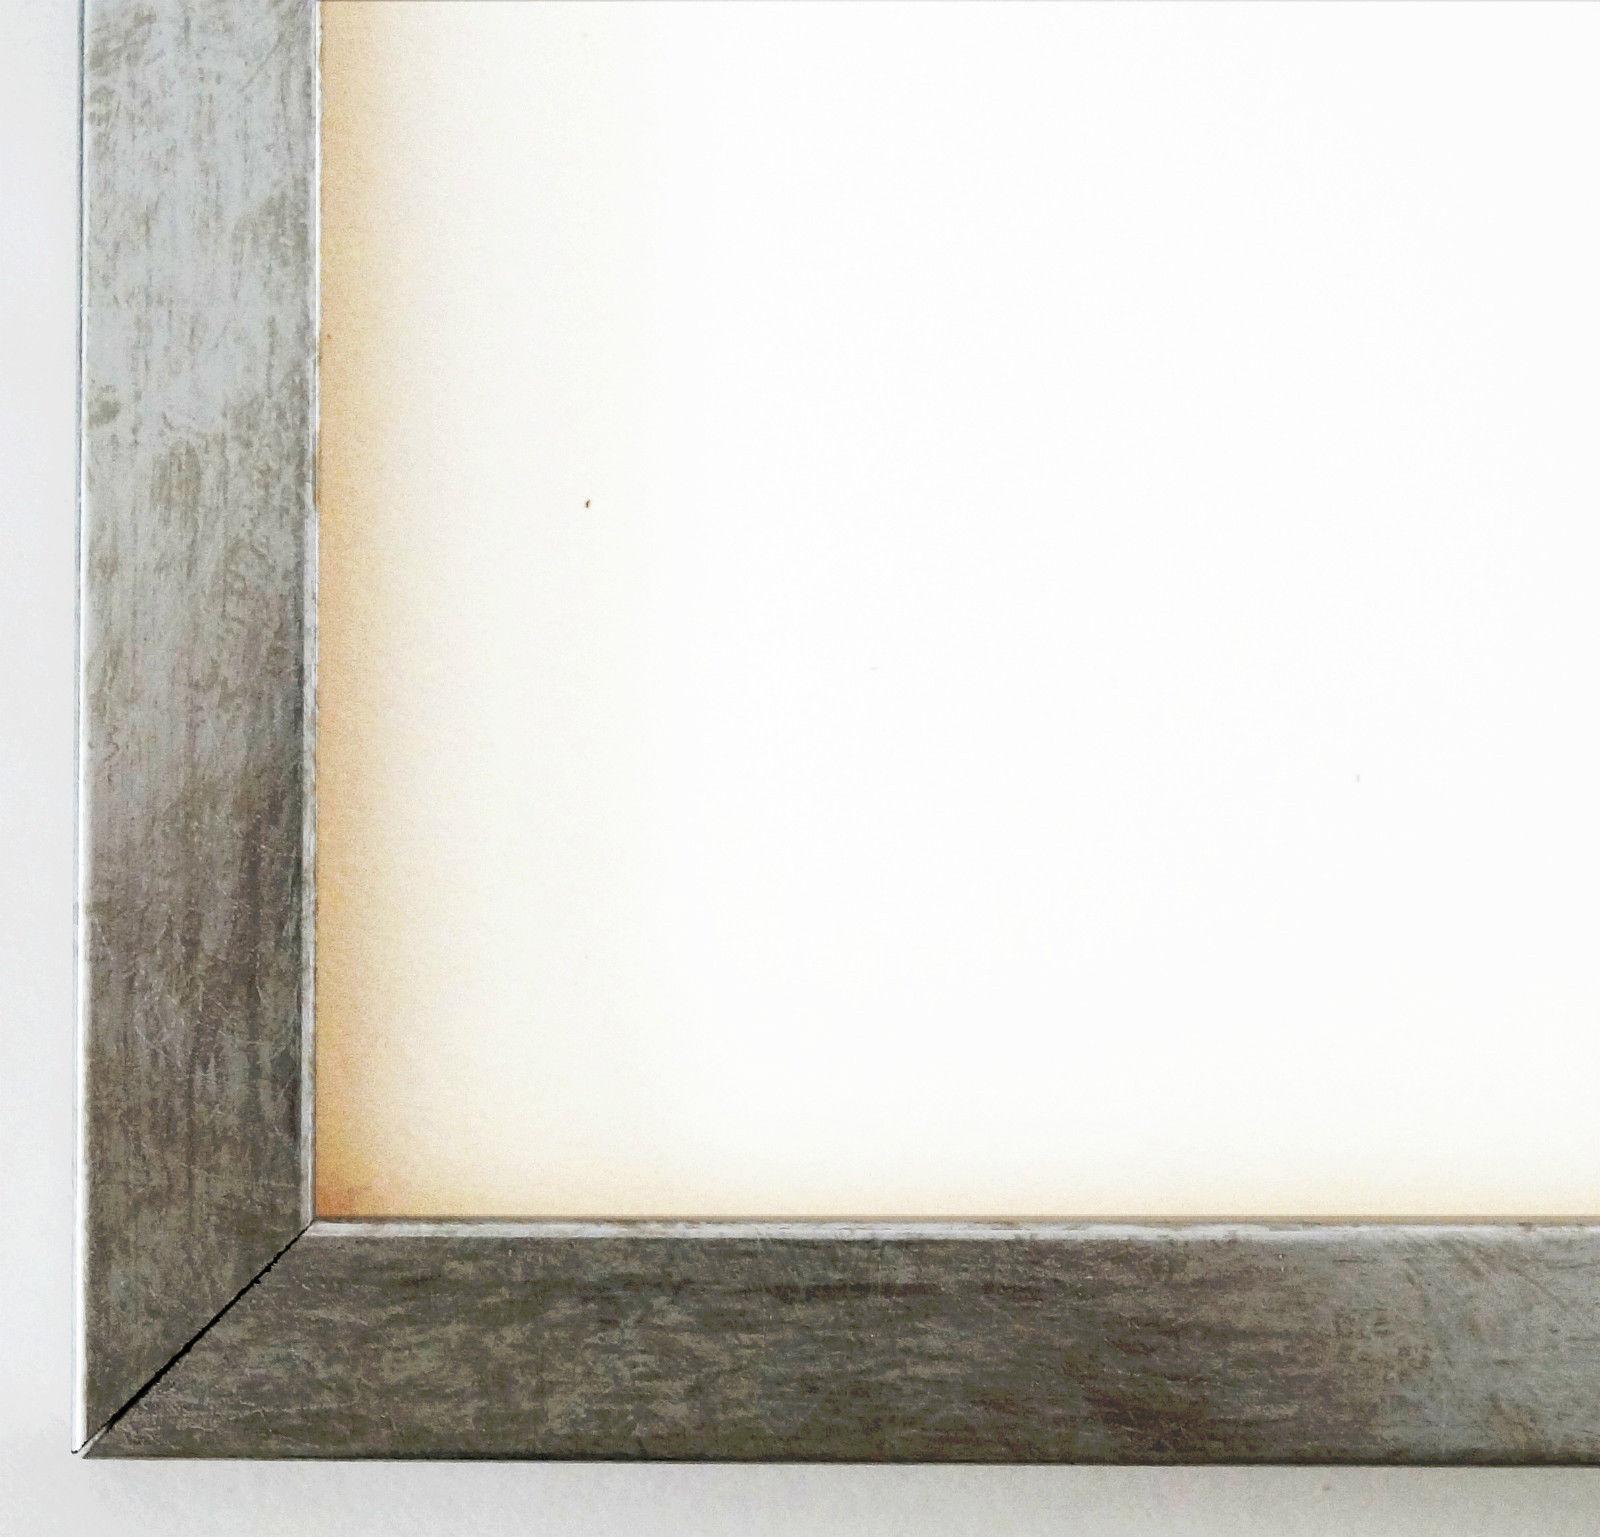 Bilderrahmen Silber Modern Schlicht Rahmen Holz Art Paderborn 2, 1 ...